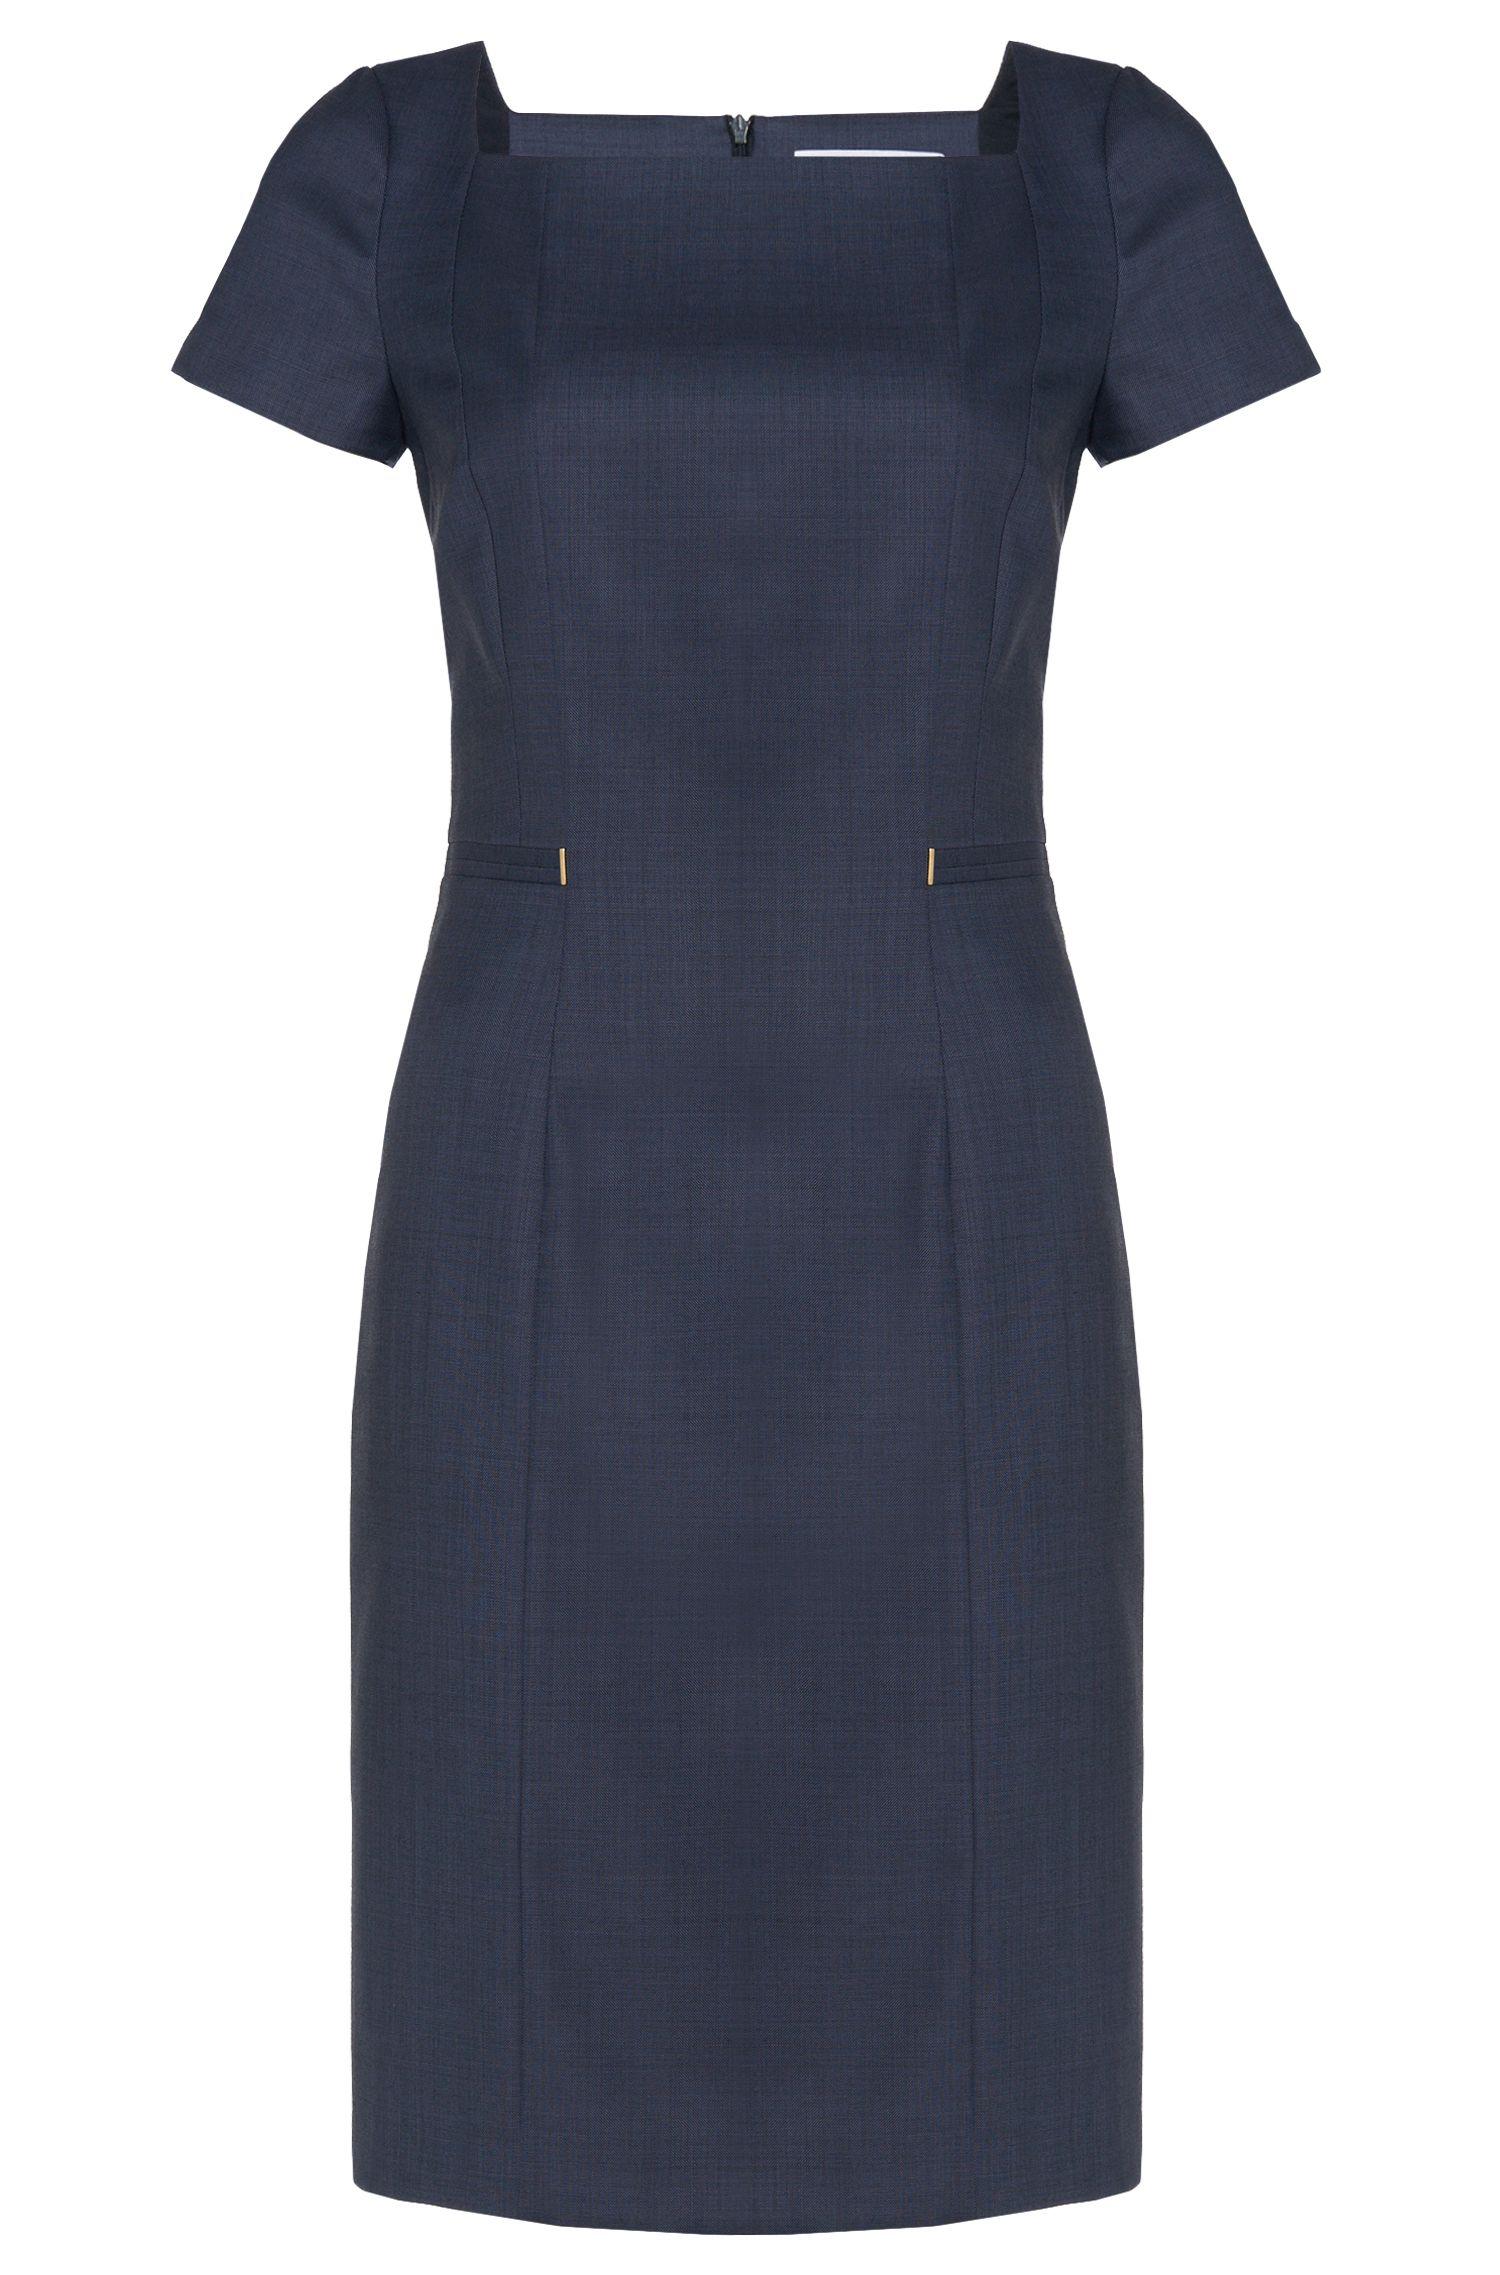 'Dasoni' | Stretch Virgin Wool Blend Sheath Dress